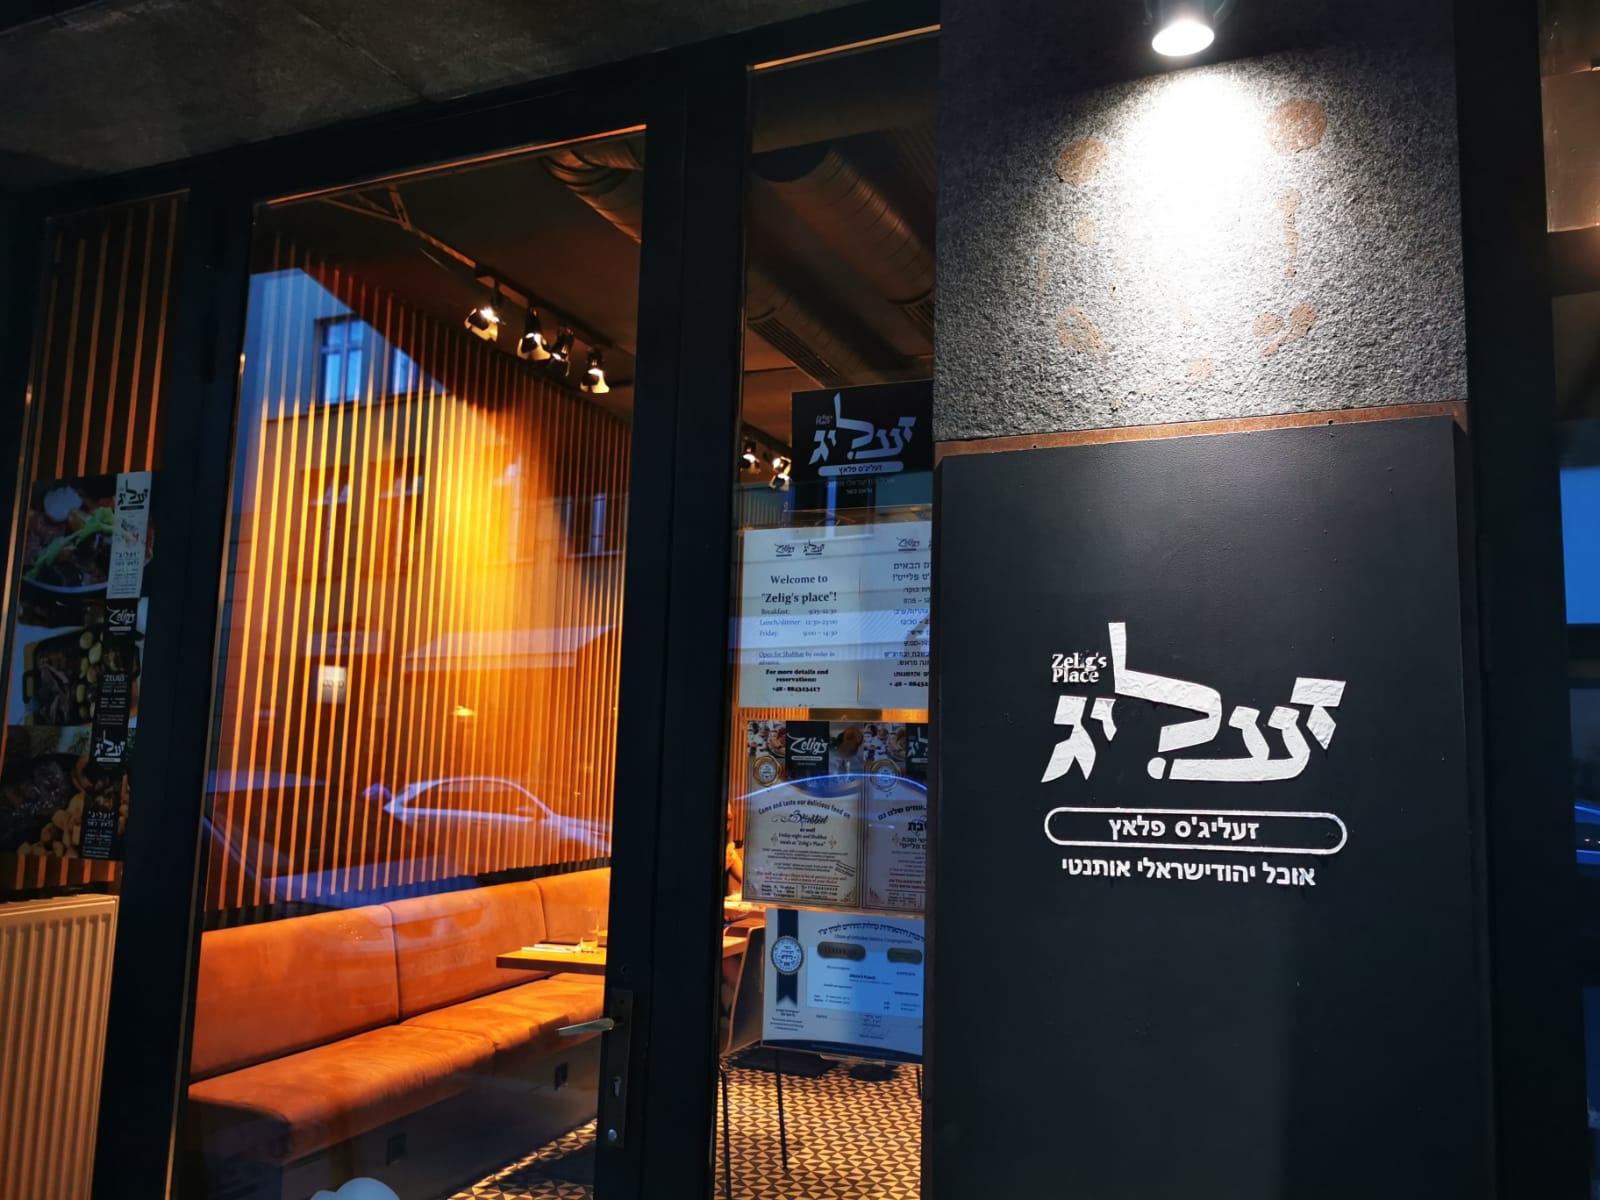 סביח עיראקי, מעורב ירושלמי ומסעדה ישראלית – בקרקוב, פולין